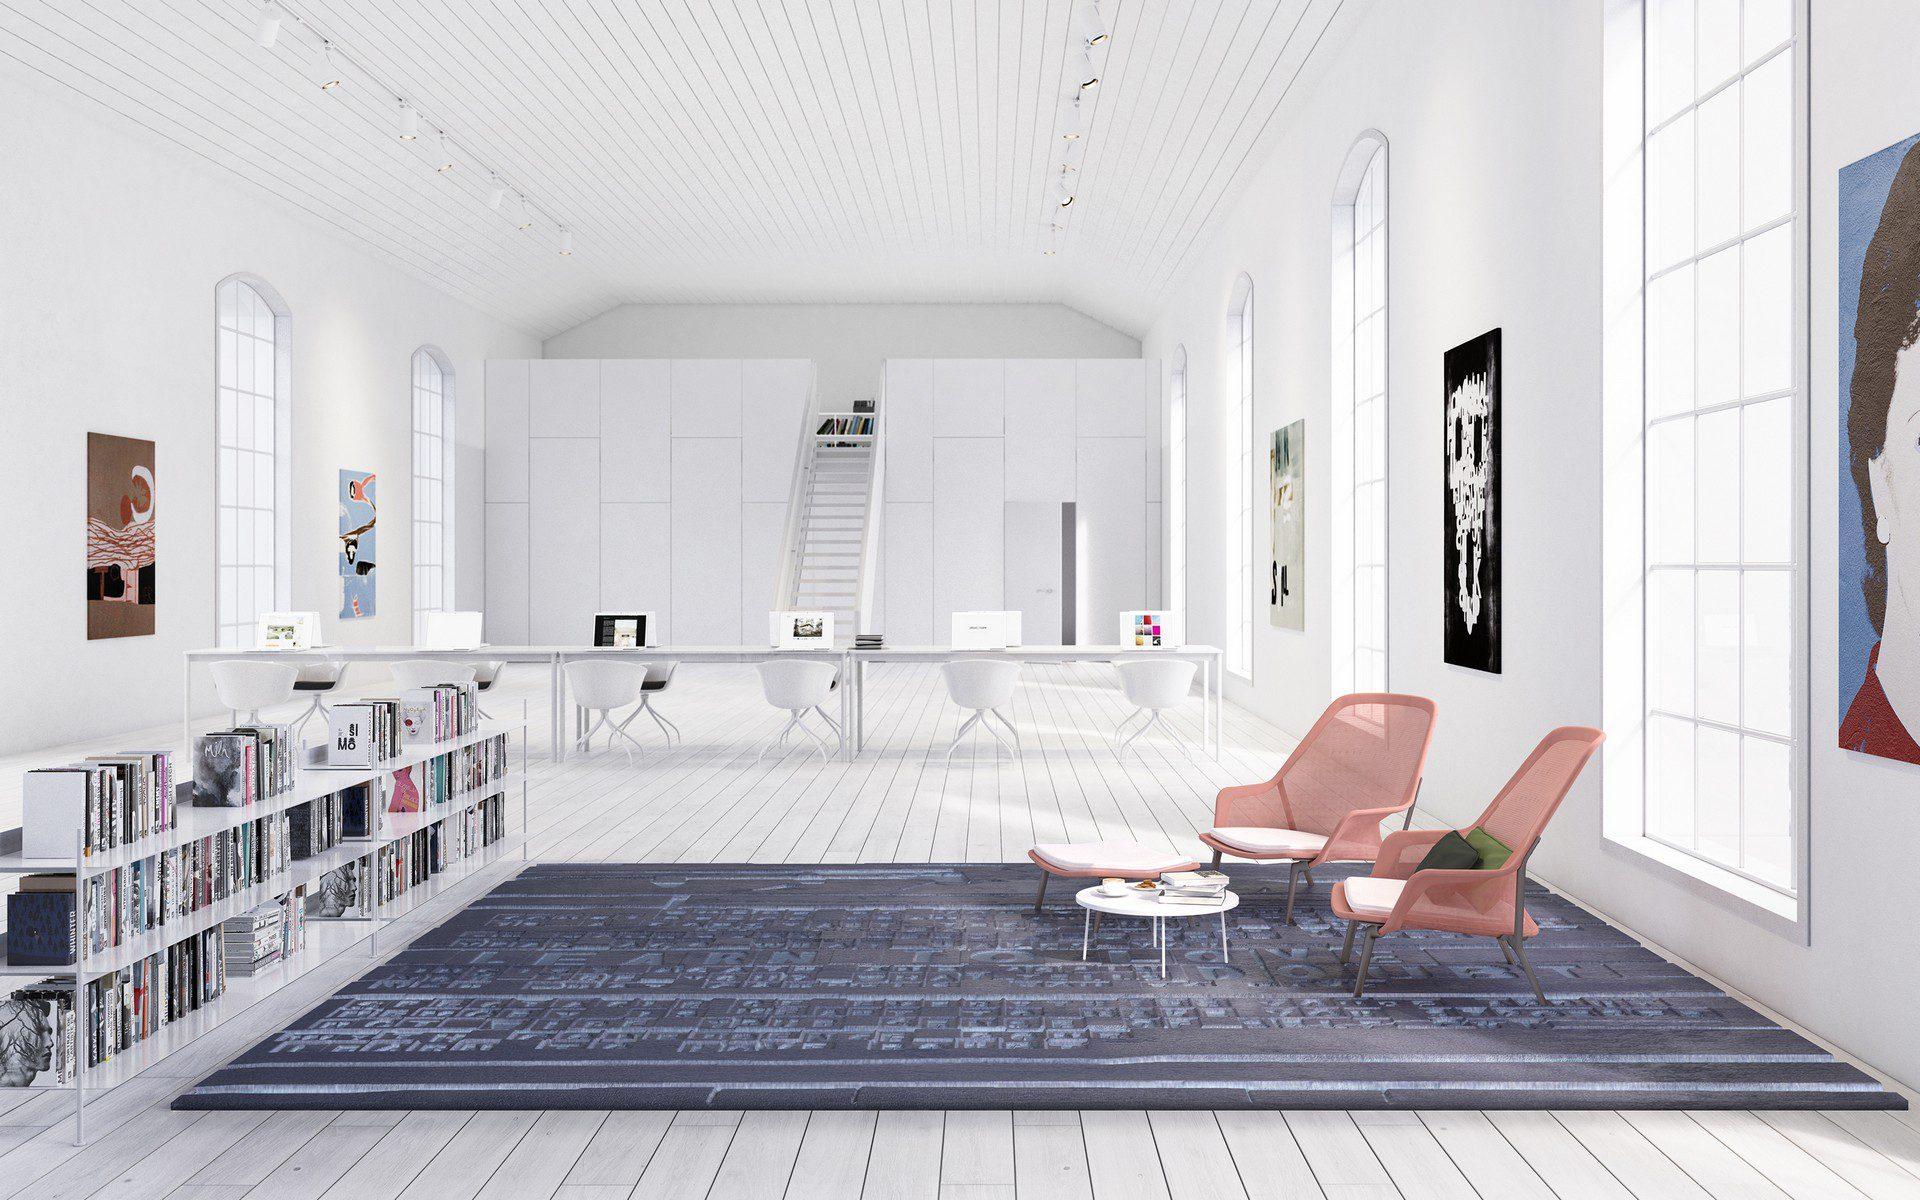 wizualizacja architektoniczna wnętrza biurowego